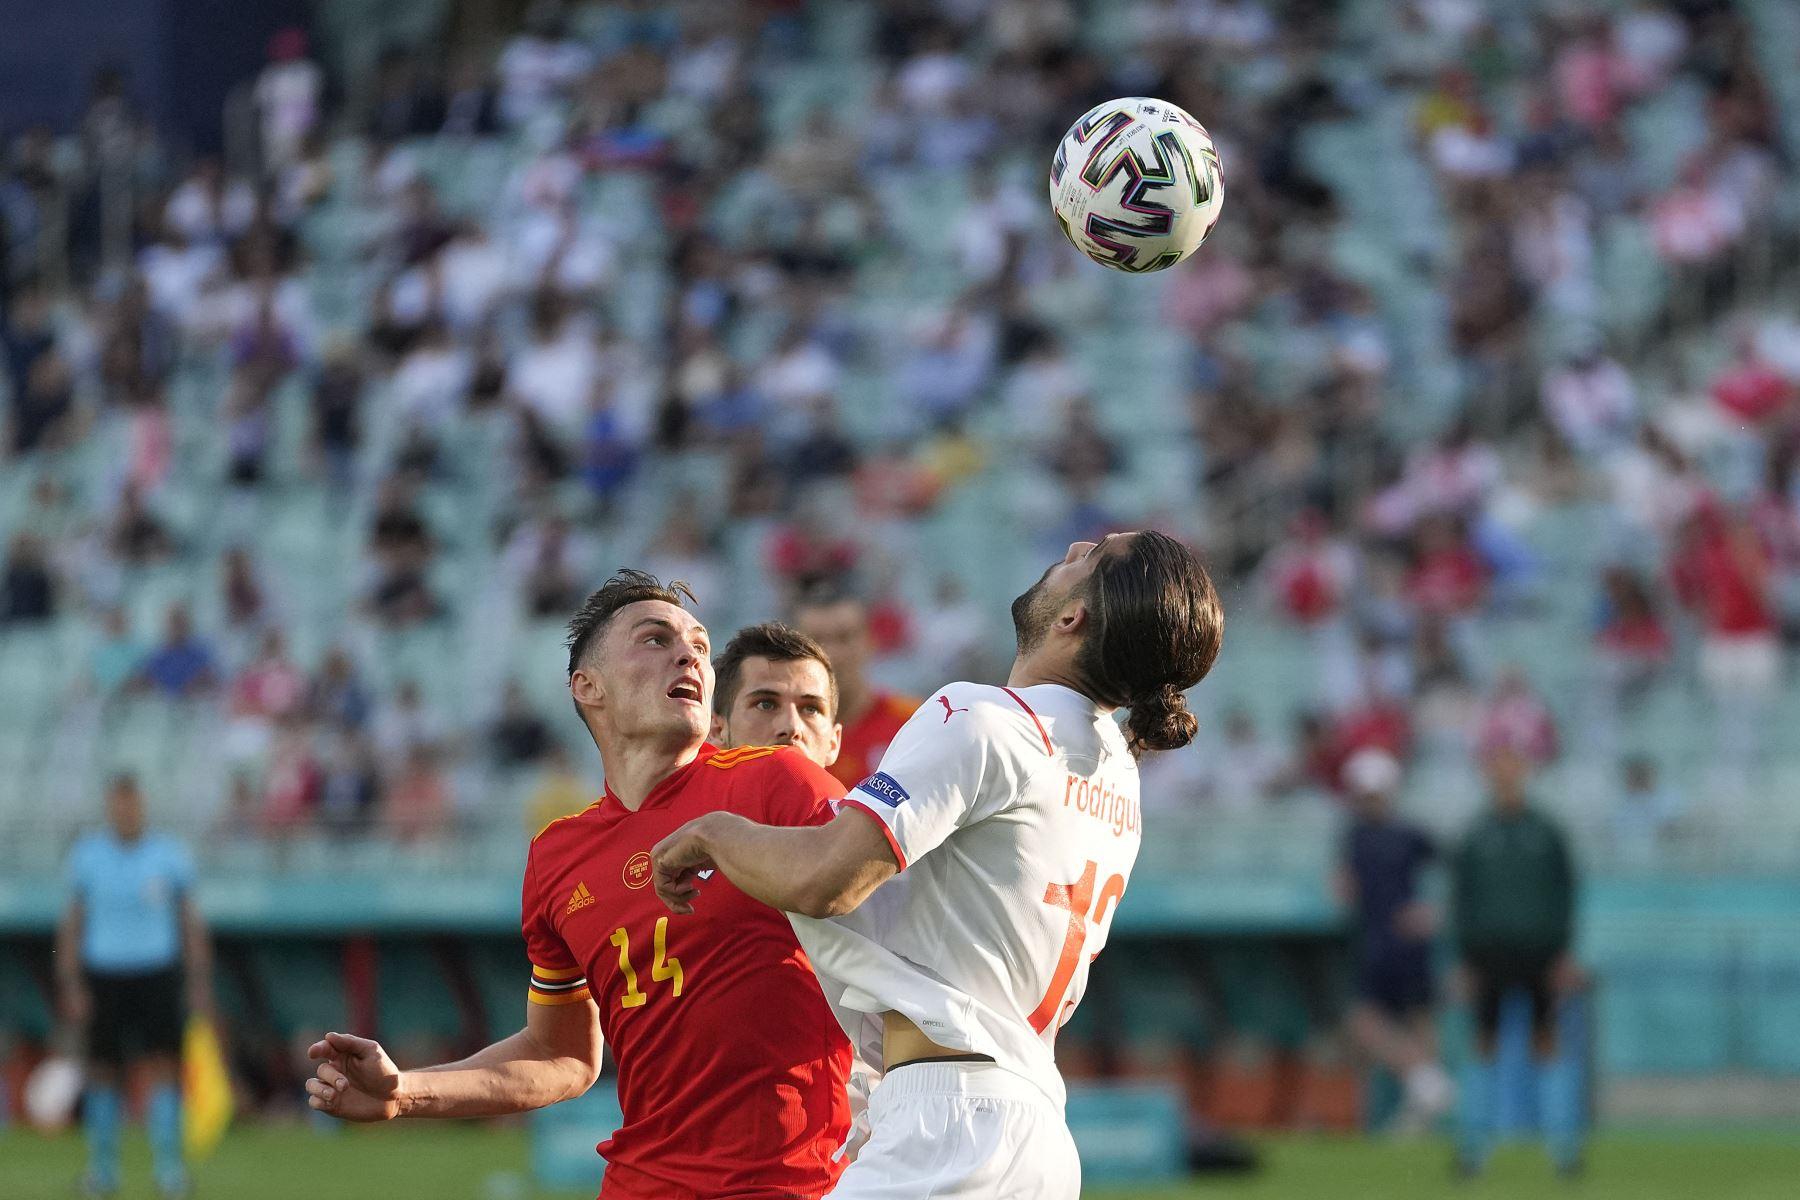 El defensor de Suiza Ricardo Rodríguez compite por el balón con el defensor de Gales Connor Roberts durante el partido de fútbol del Grupo A de la UEFA EURO 2020 entre Gales y Suiza en el Estadio Olímpico de Bakú. Foto: AFP